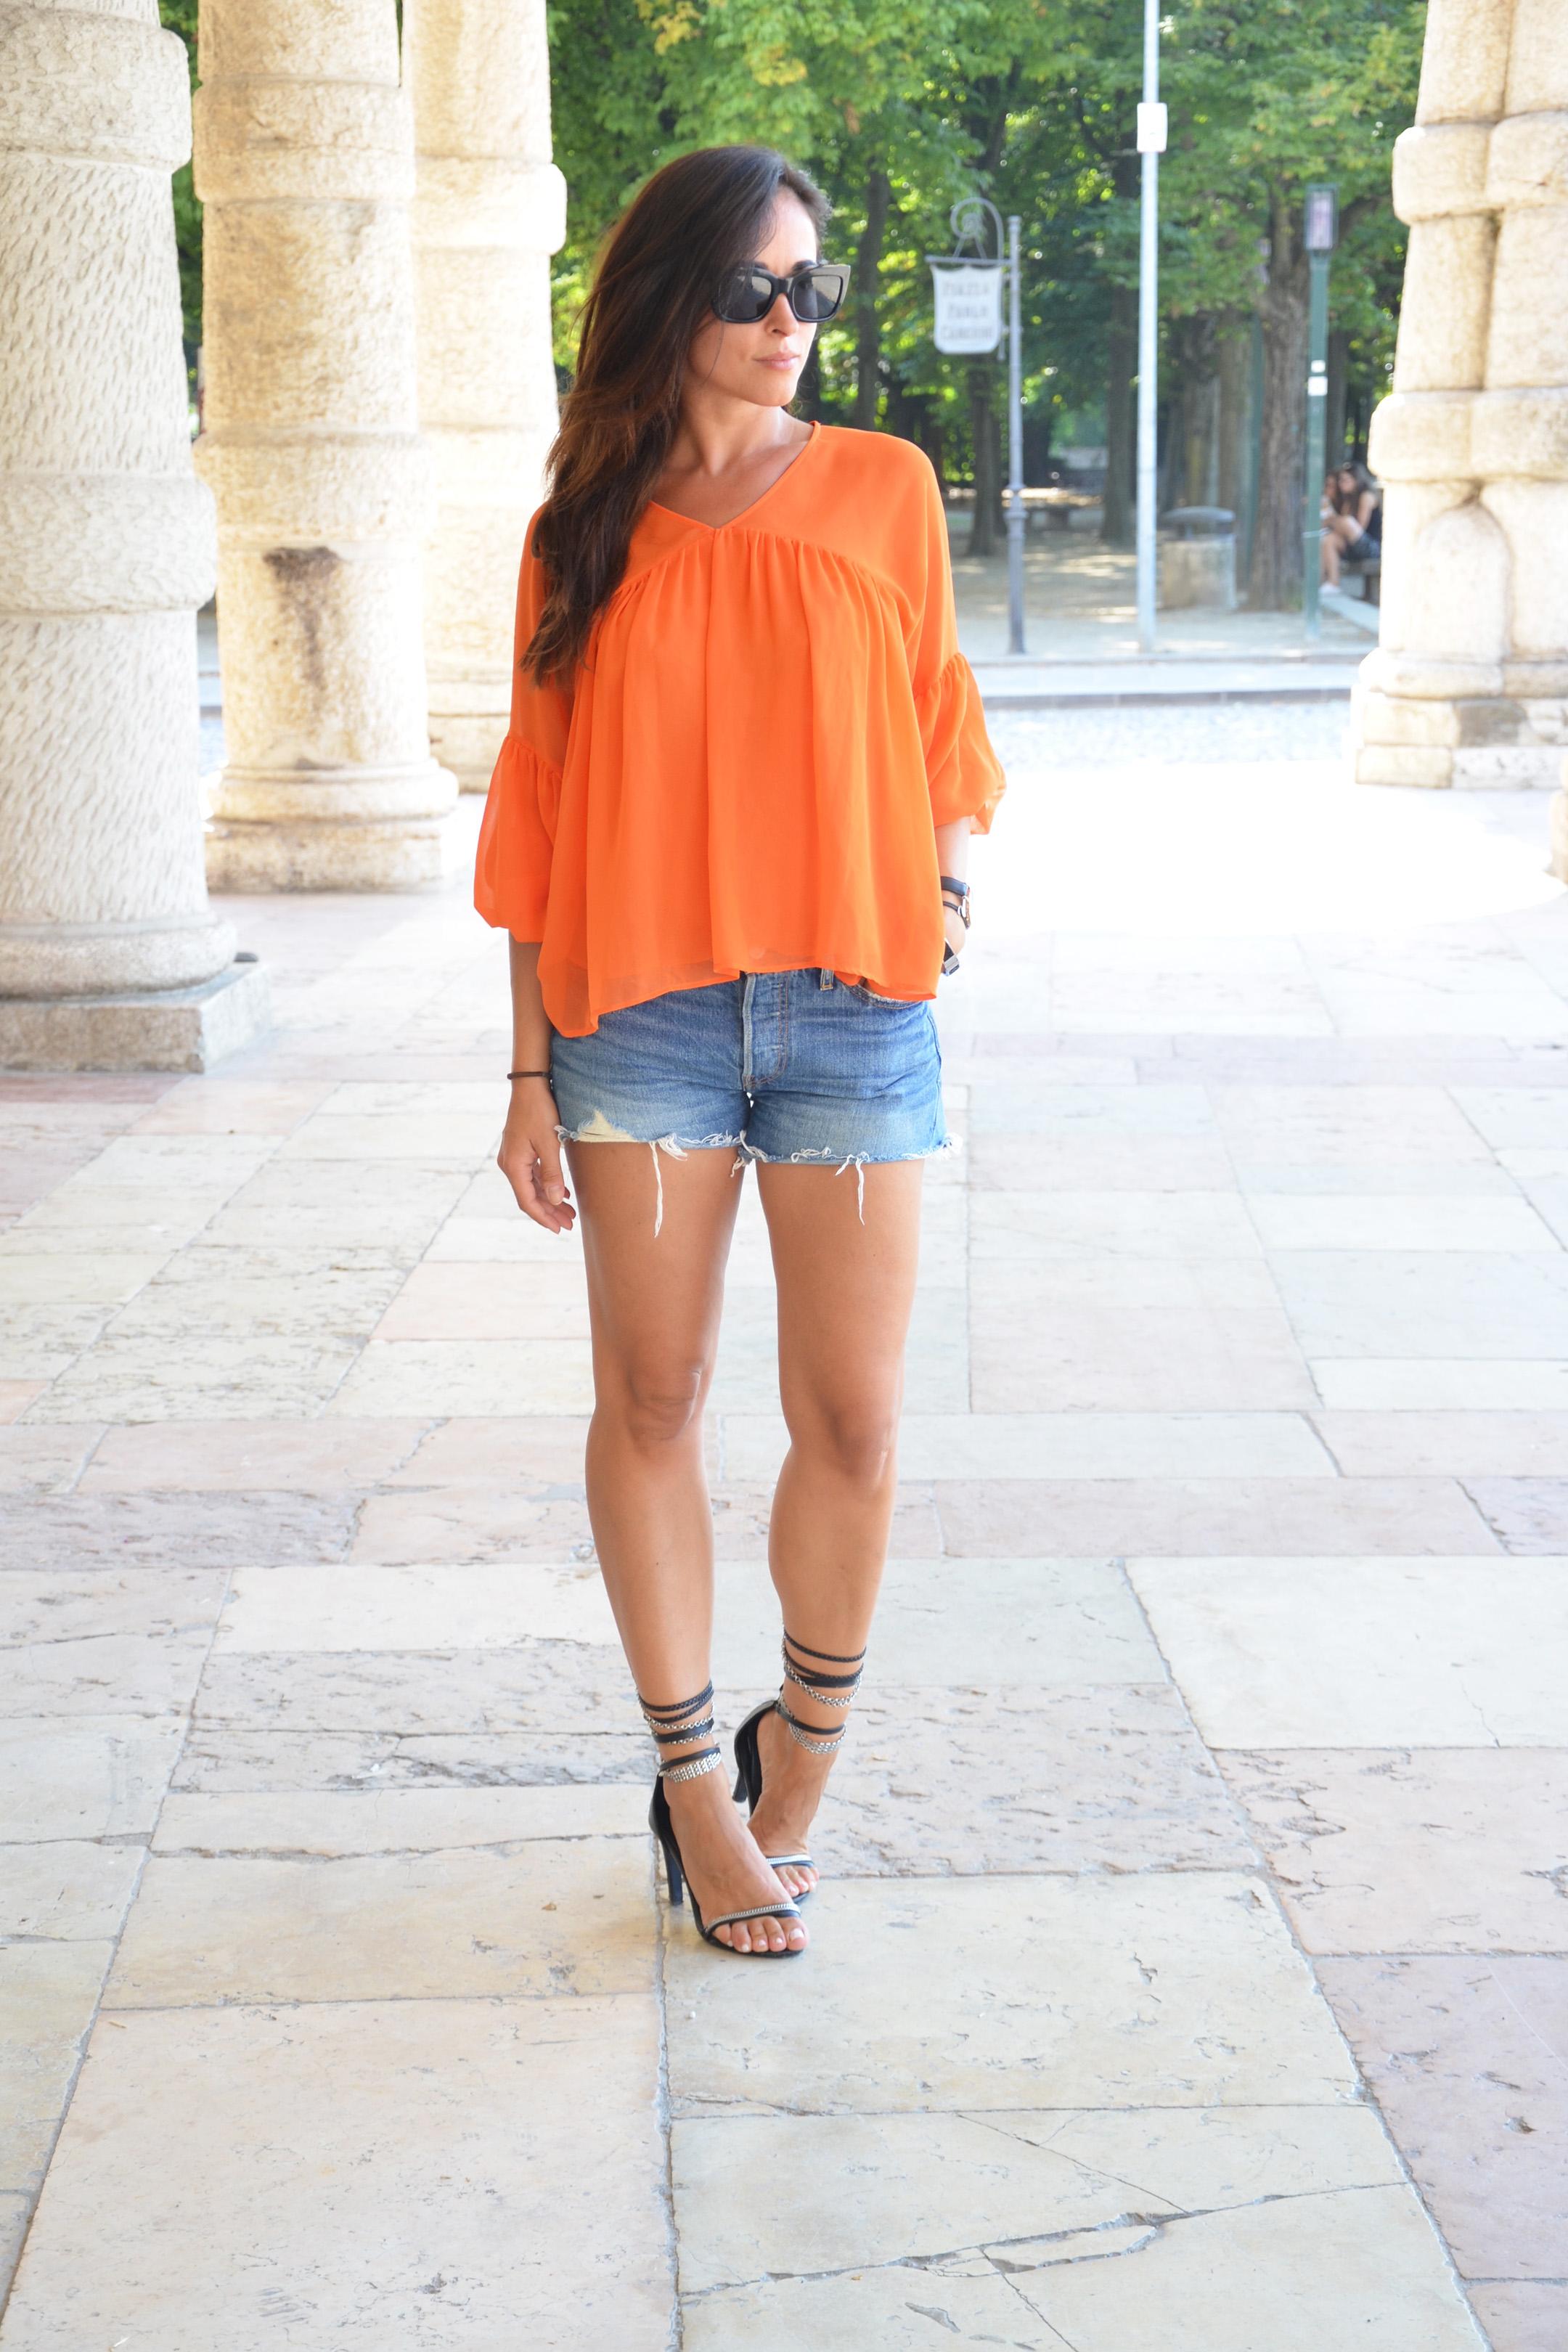 look-alessia-canella-shorts-blusa-arancio